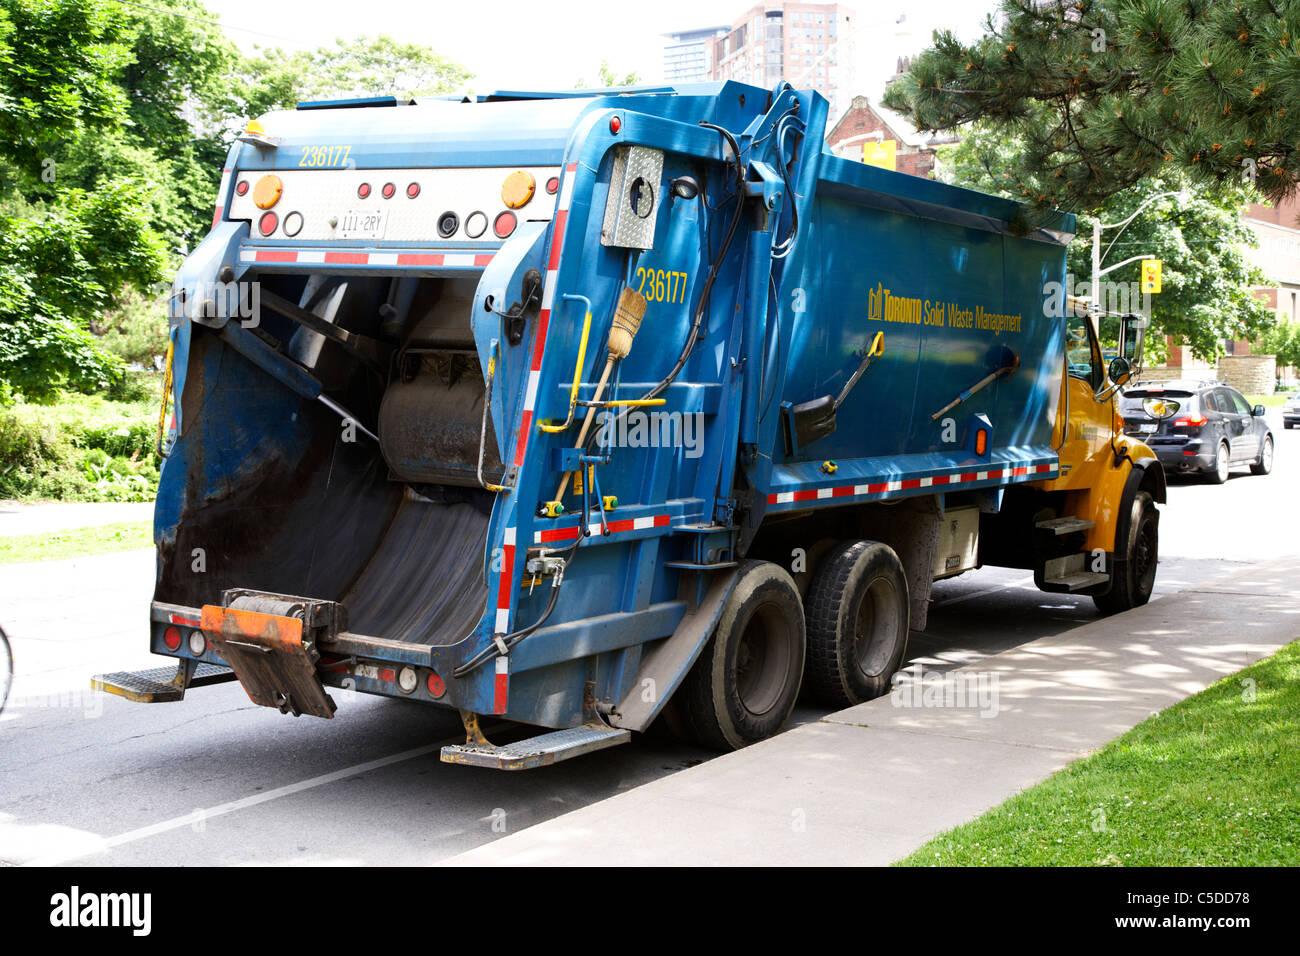 Ville de toronto gestion des déchets Déchets solides Déchets camion ontario canada Photo Stock